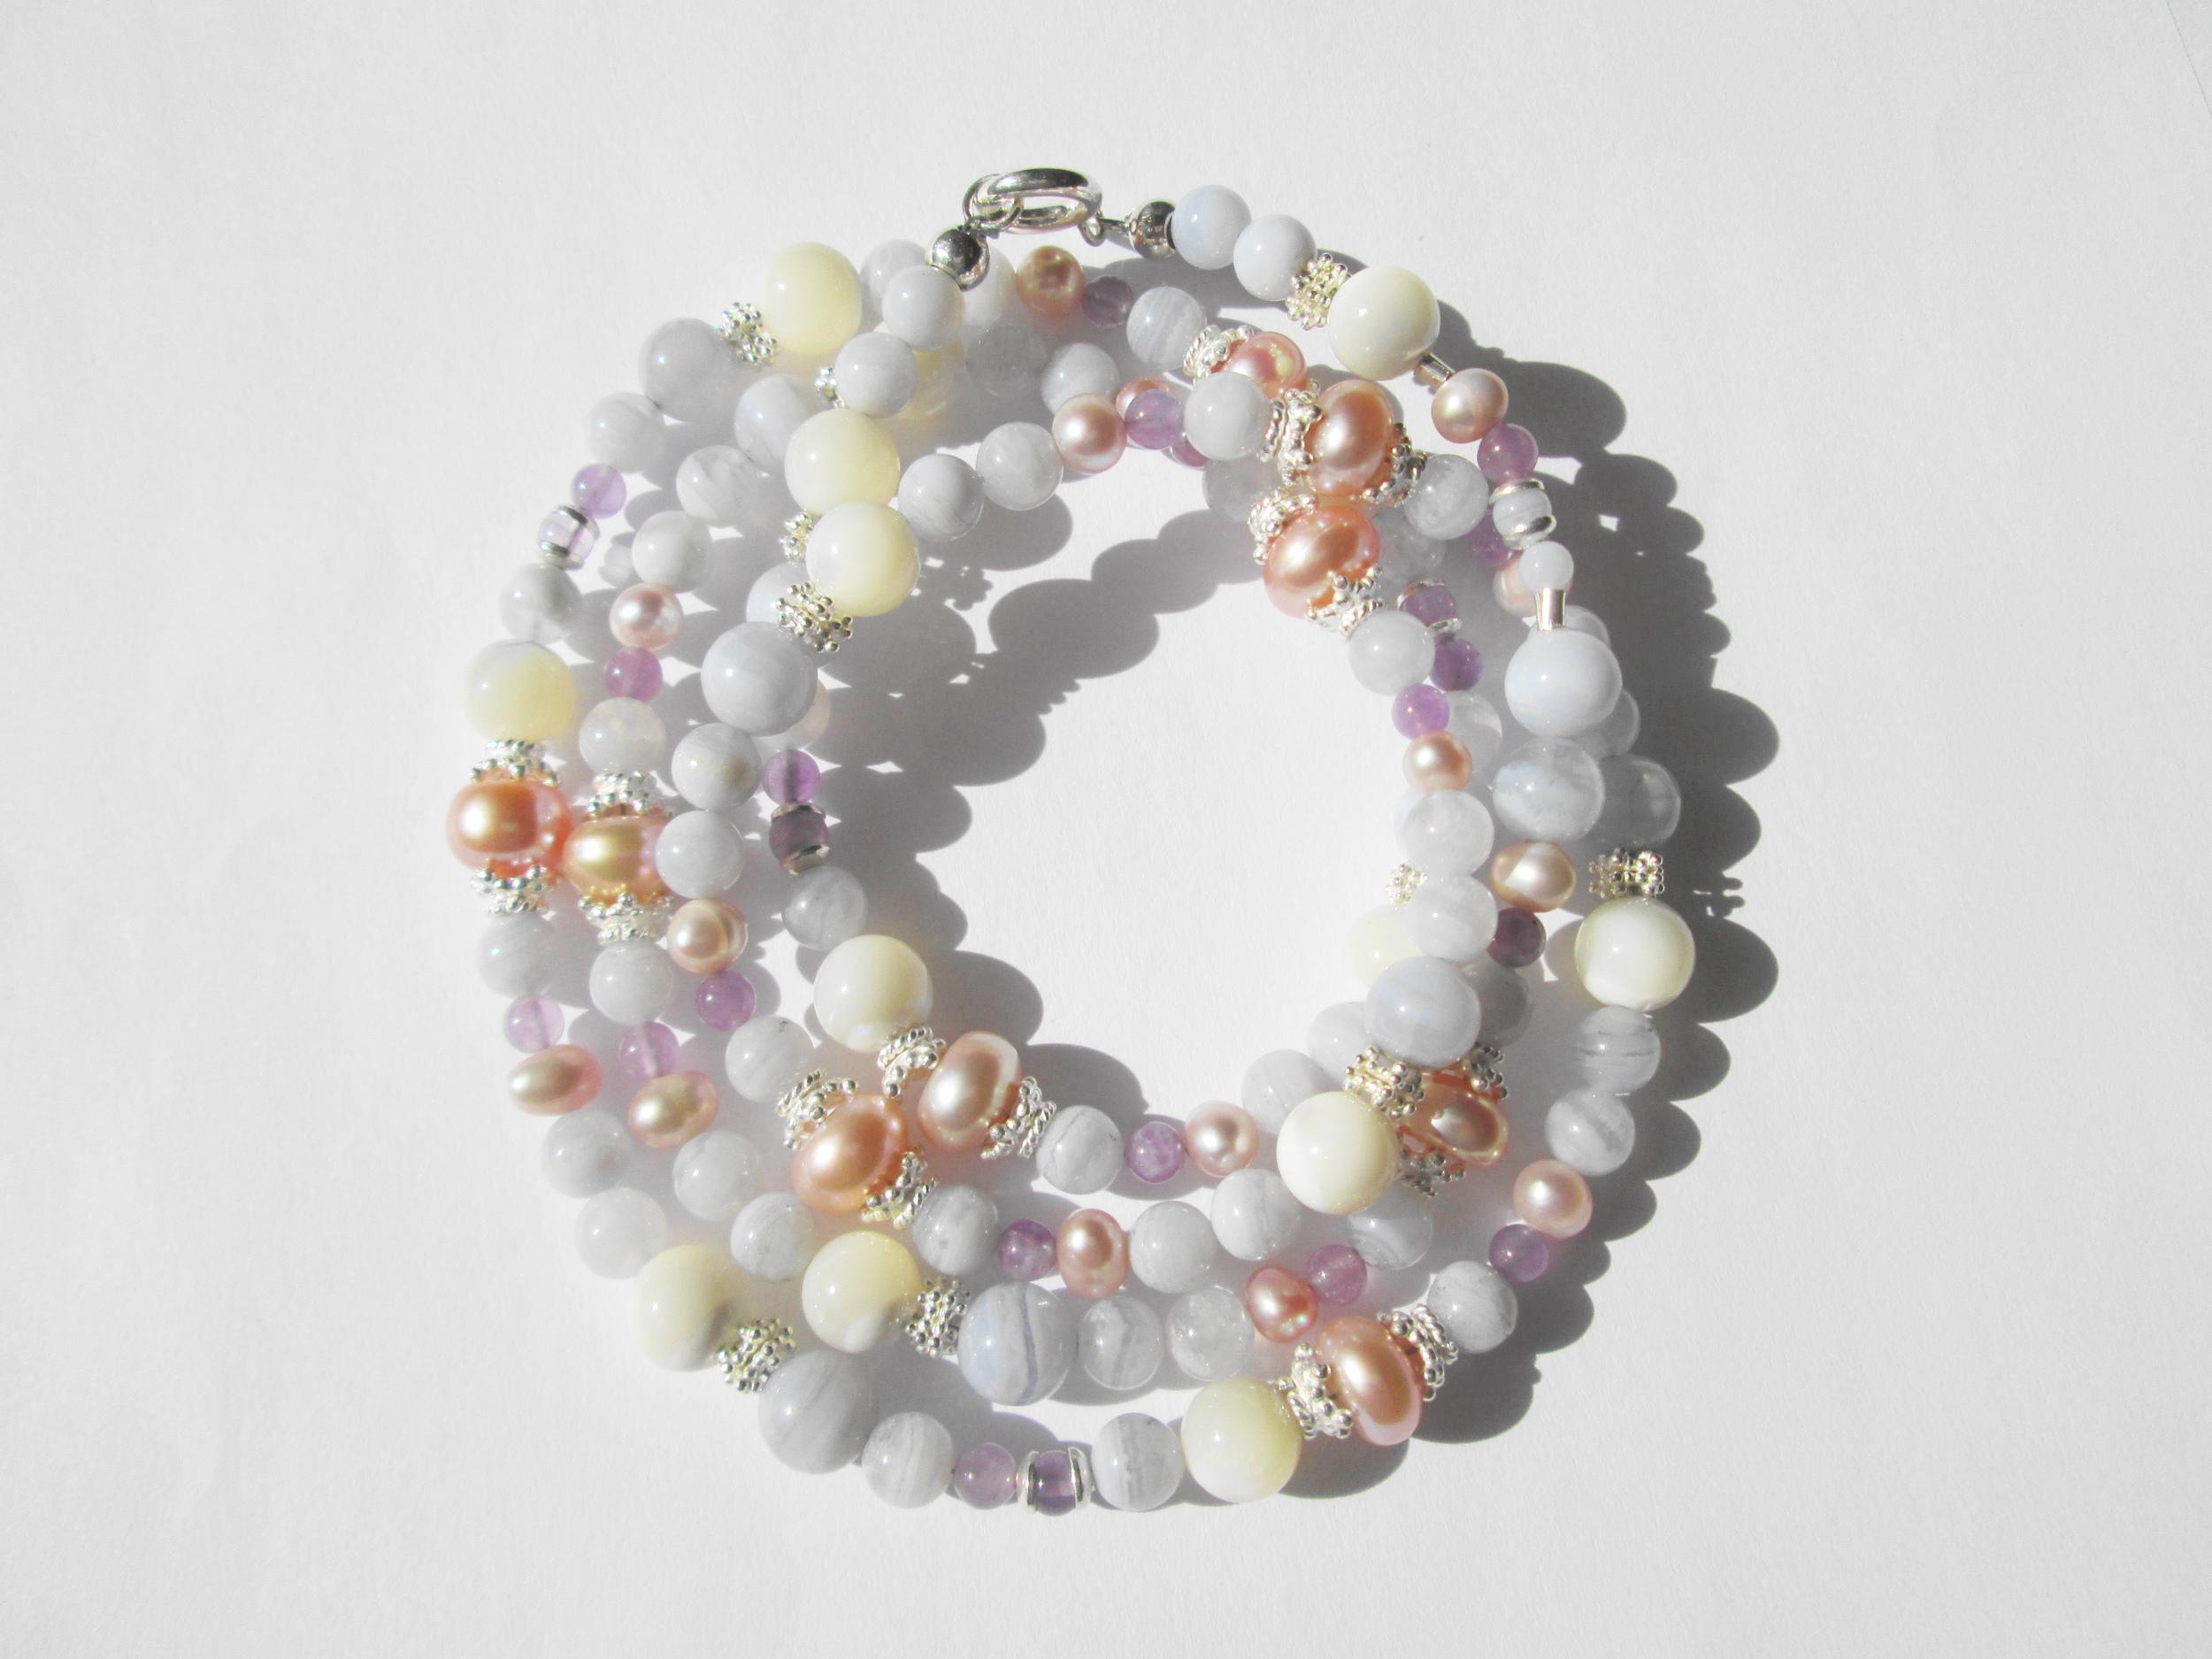 Náhrdelník z přírodních kamenů,chalcedon,perlet,ametyst,perla.Cena 4800,-Kč.KOD 22.JPG